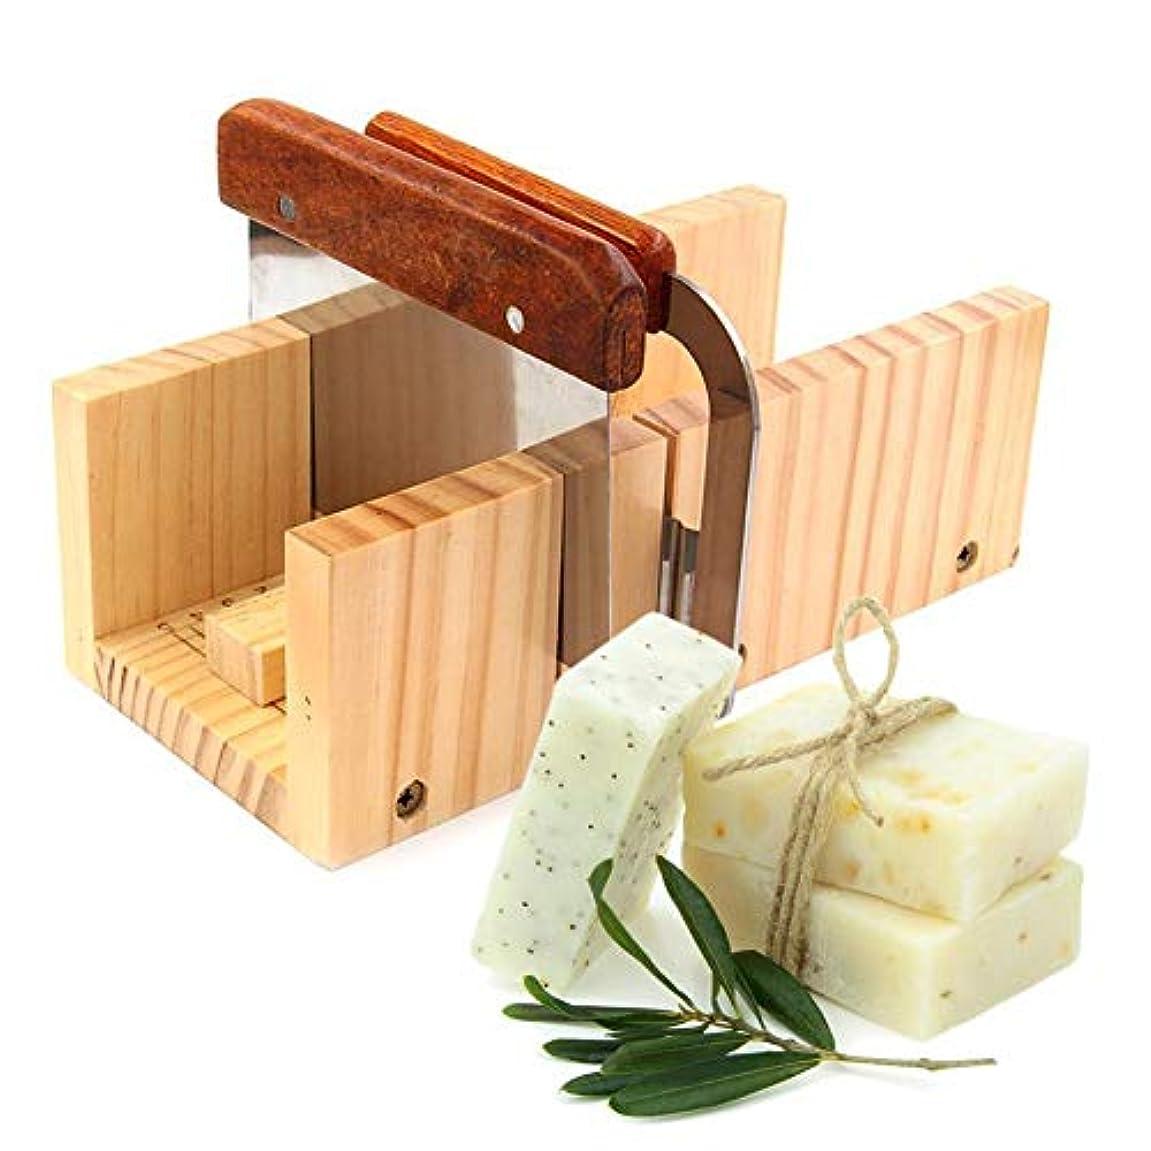 締めるクリック懐疑的Ragem ソープカッター 手作り石鹸金型 木製 ローフカッターボックス 調整可能 多機能ソープ切削工具 ストレートプレーニングツール